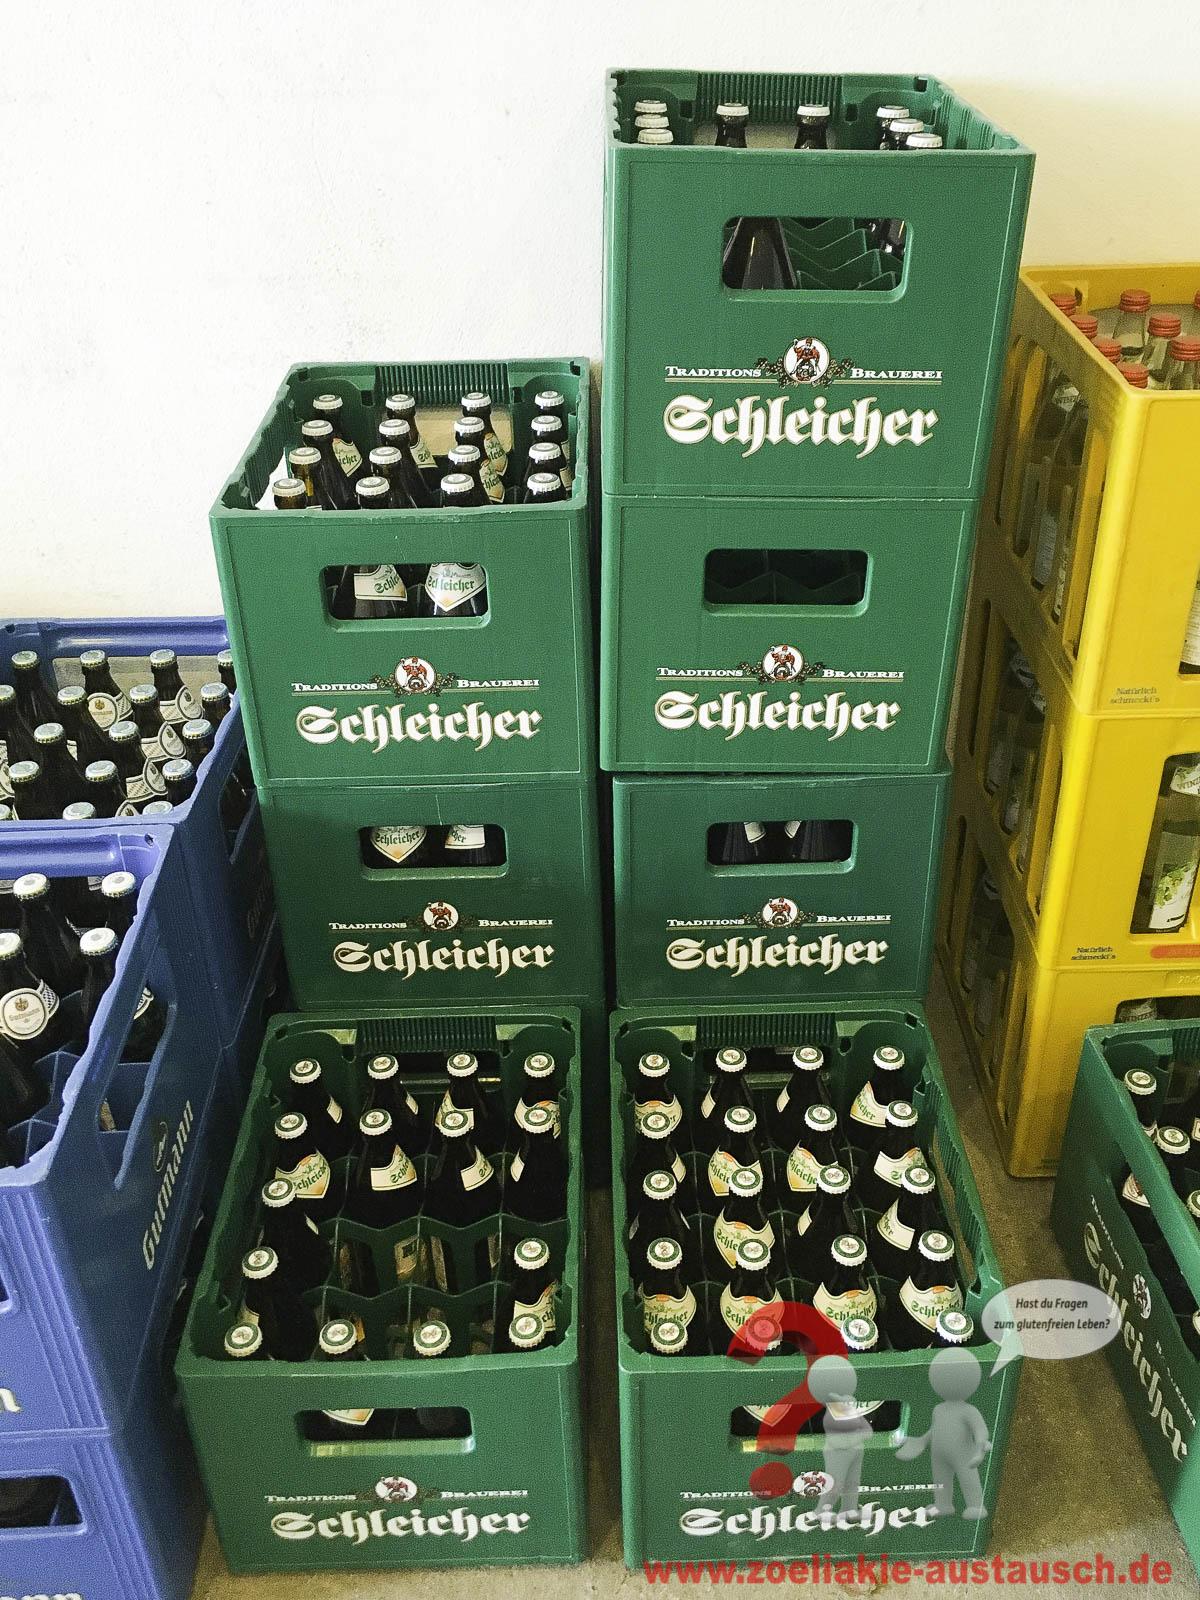 Zoeliakie-Austausch_Schleicher_Bier_Glutenfrei_07